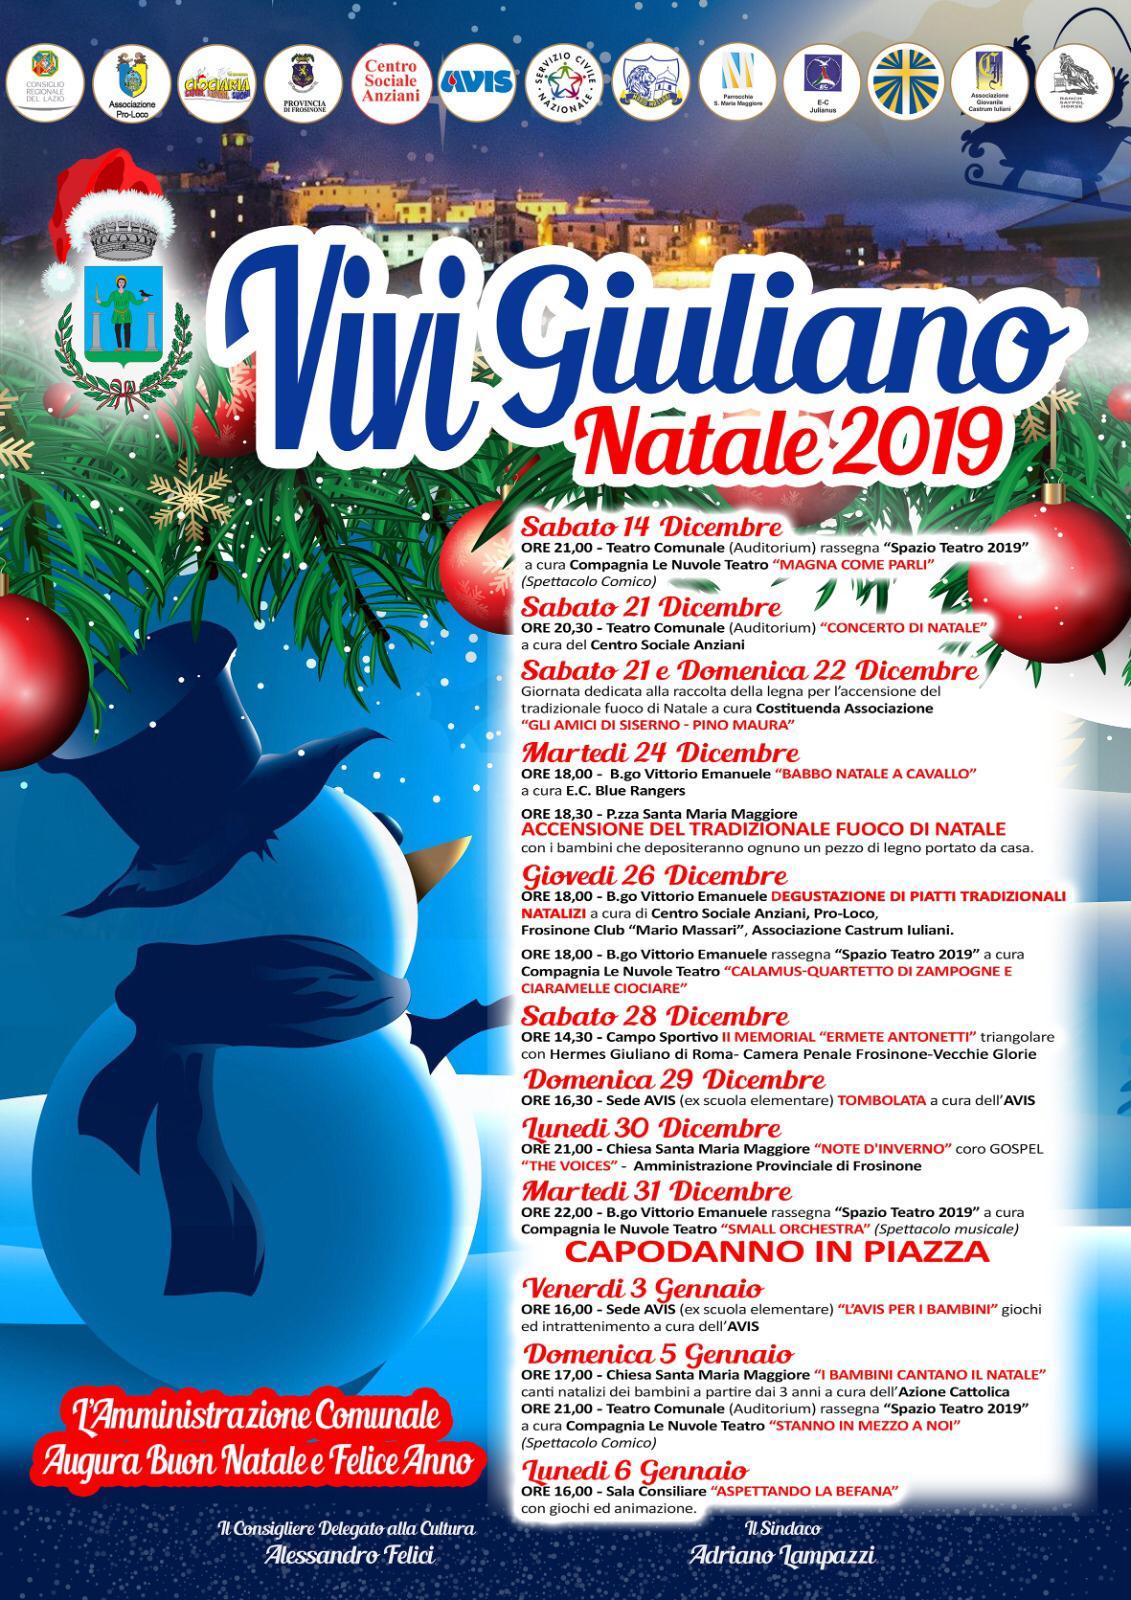 Giuliano di Roma: Vivi Giuliano Natale 2019 @ Giuliano di Roma | Lazio | Italia